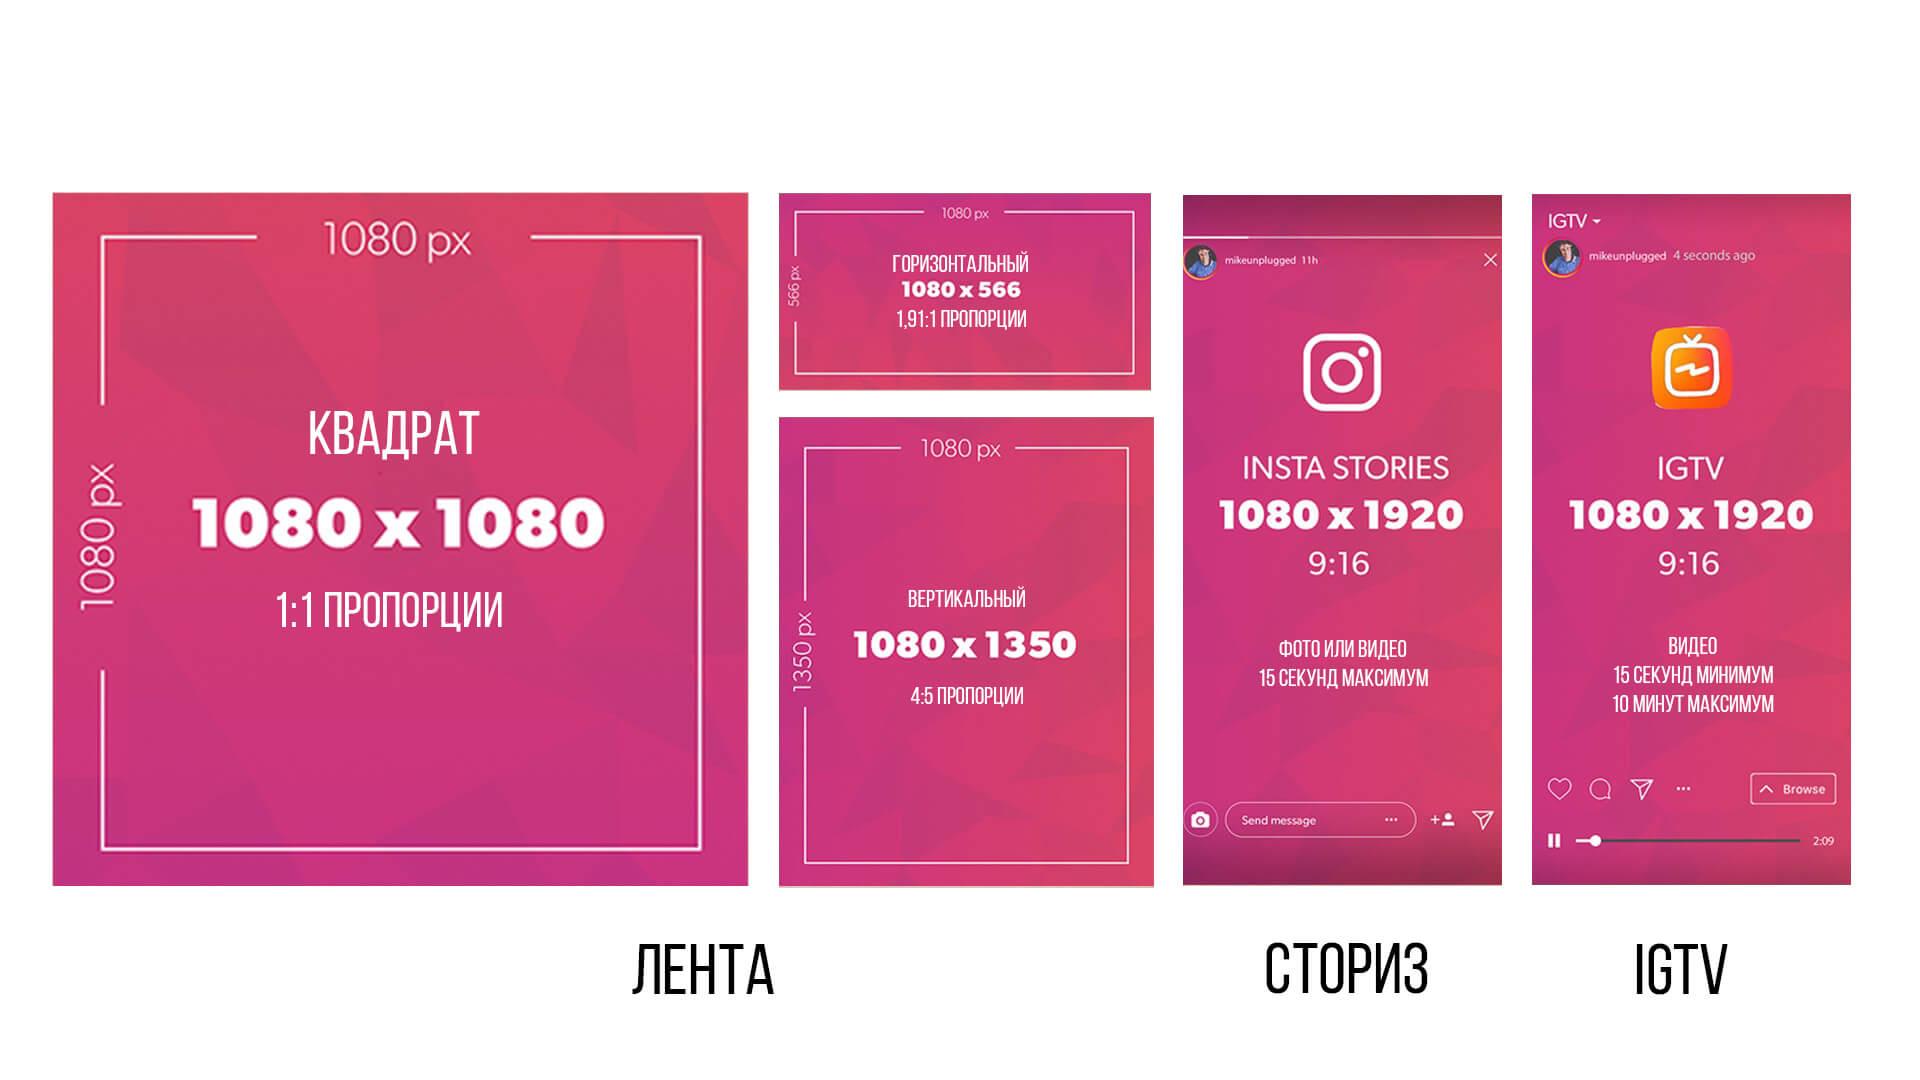 Изображение с размерами картинок для инстаграм в сторис и ленту постов